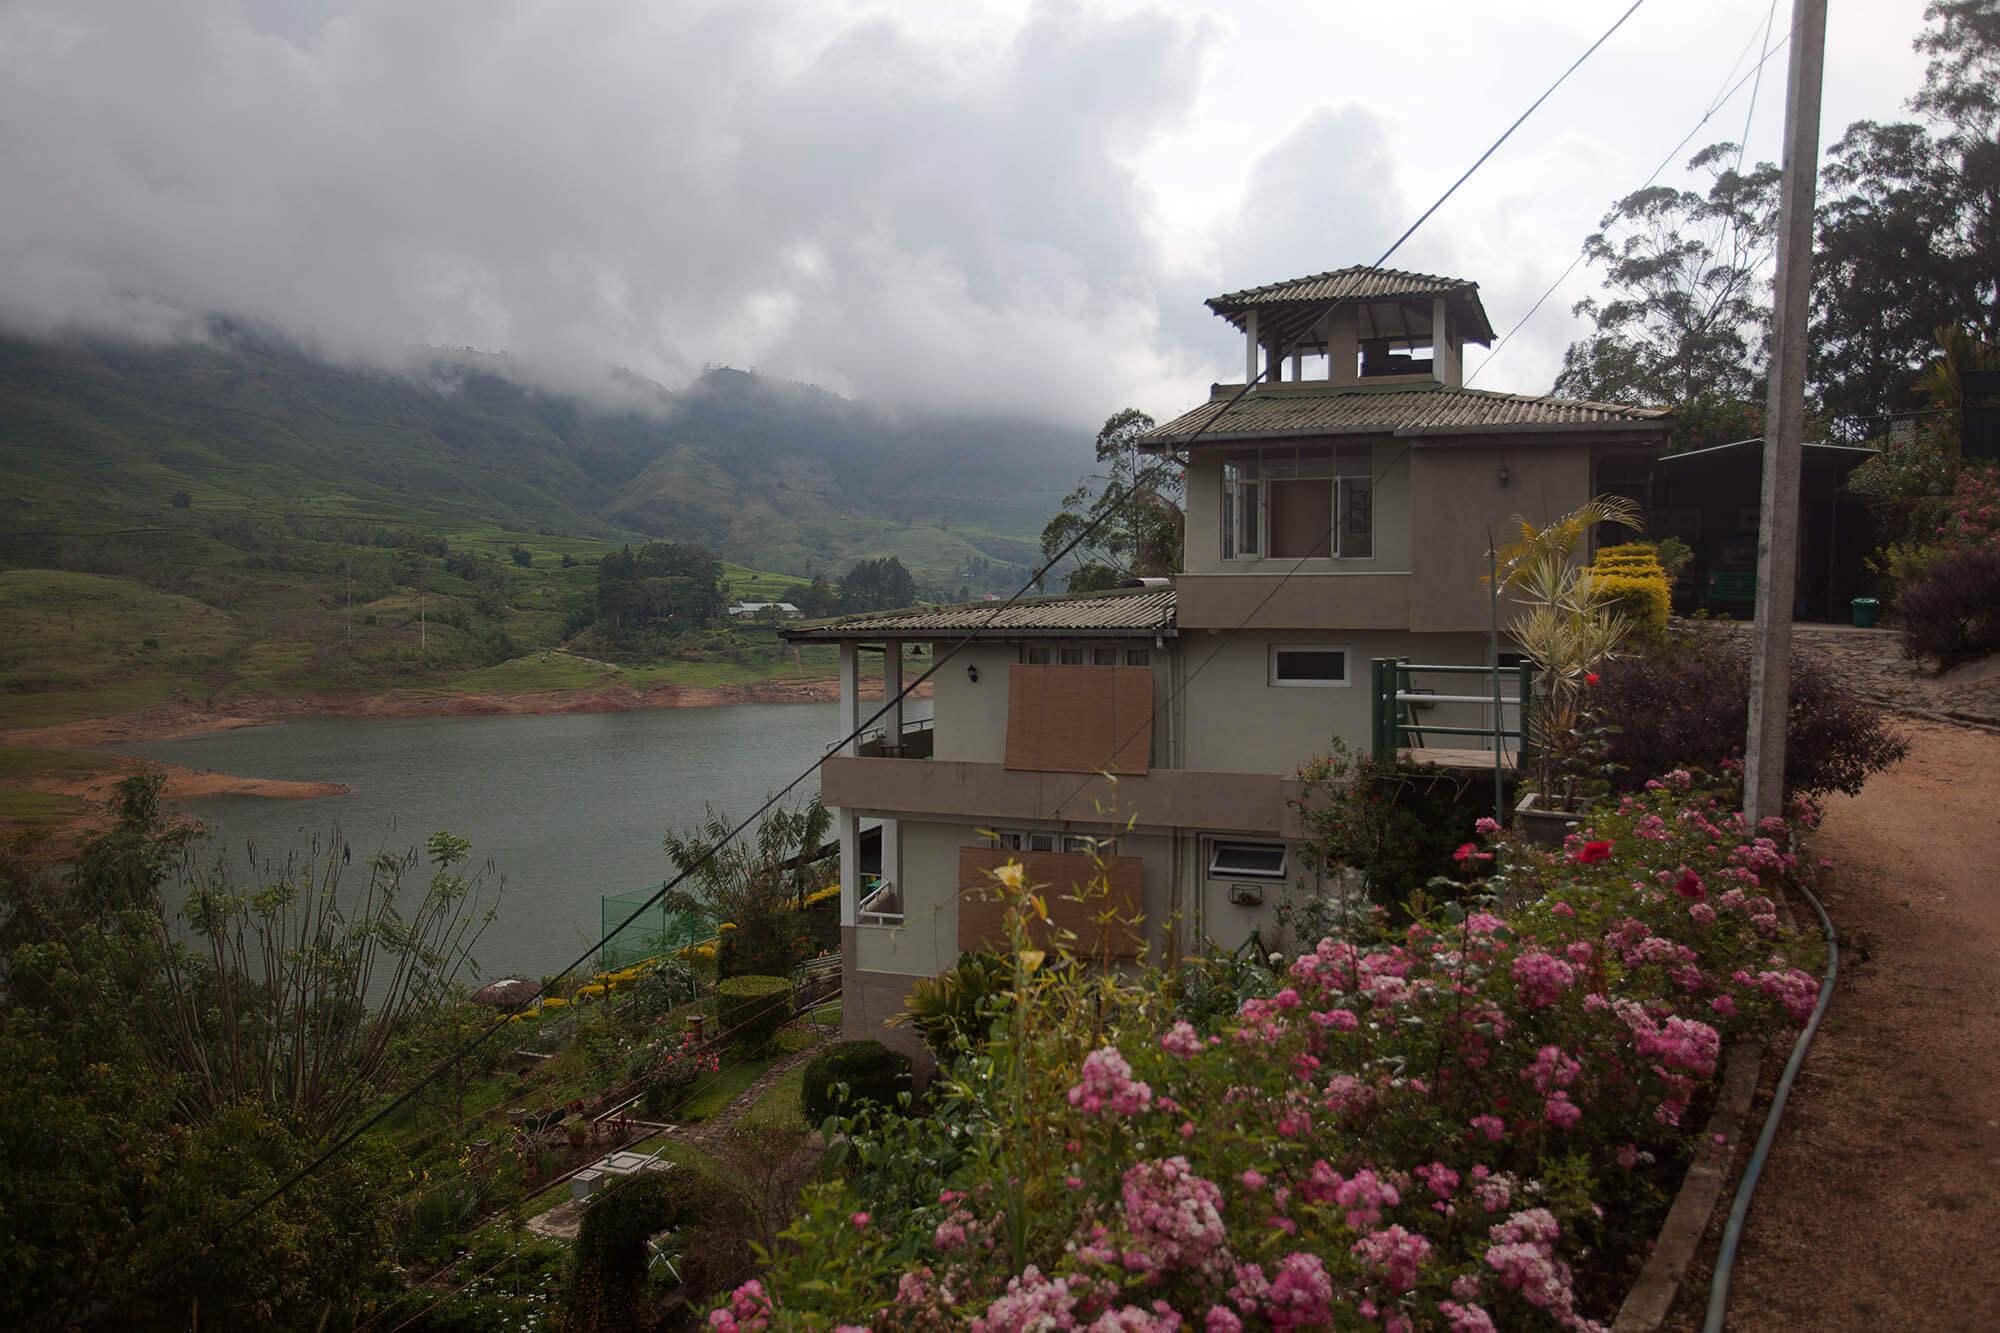 Domek gościnny na zbiornikiem Castlereagh na Sri Lance z widokiem na plantację herbaty